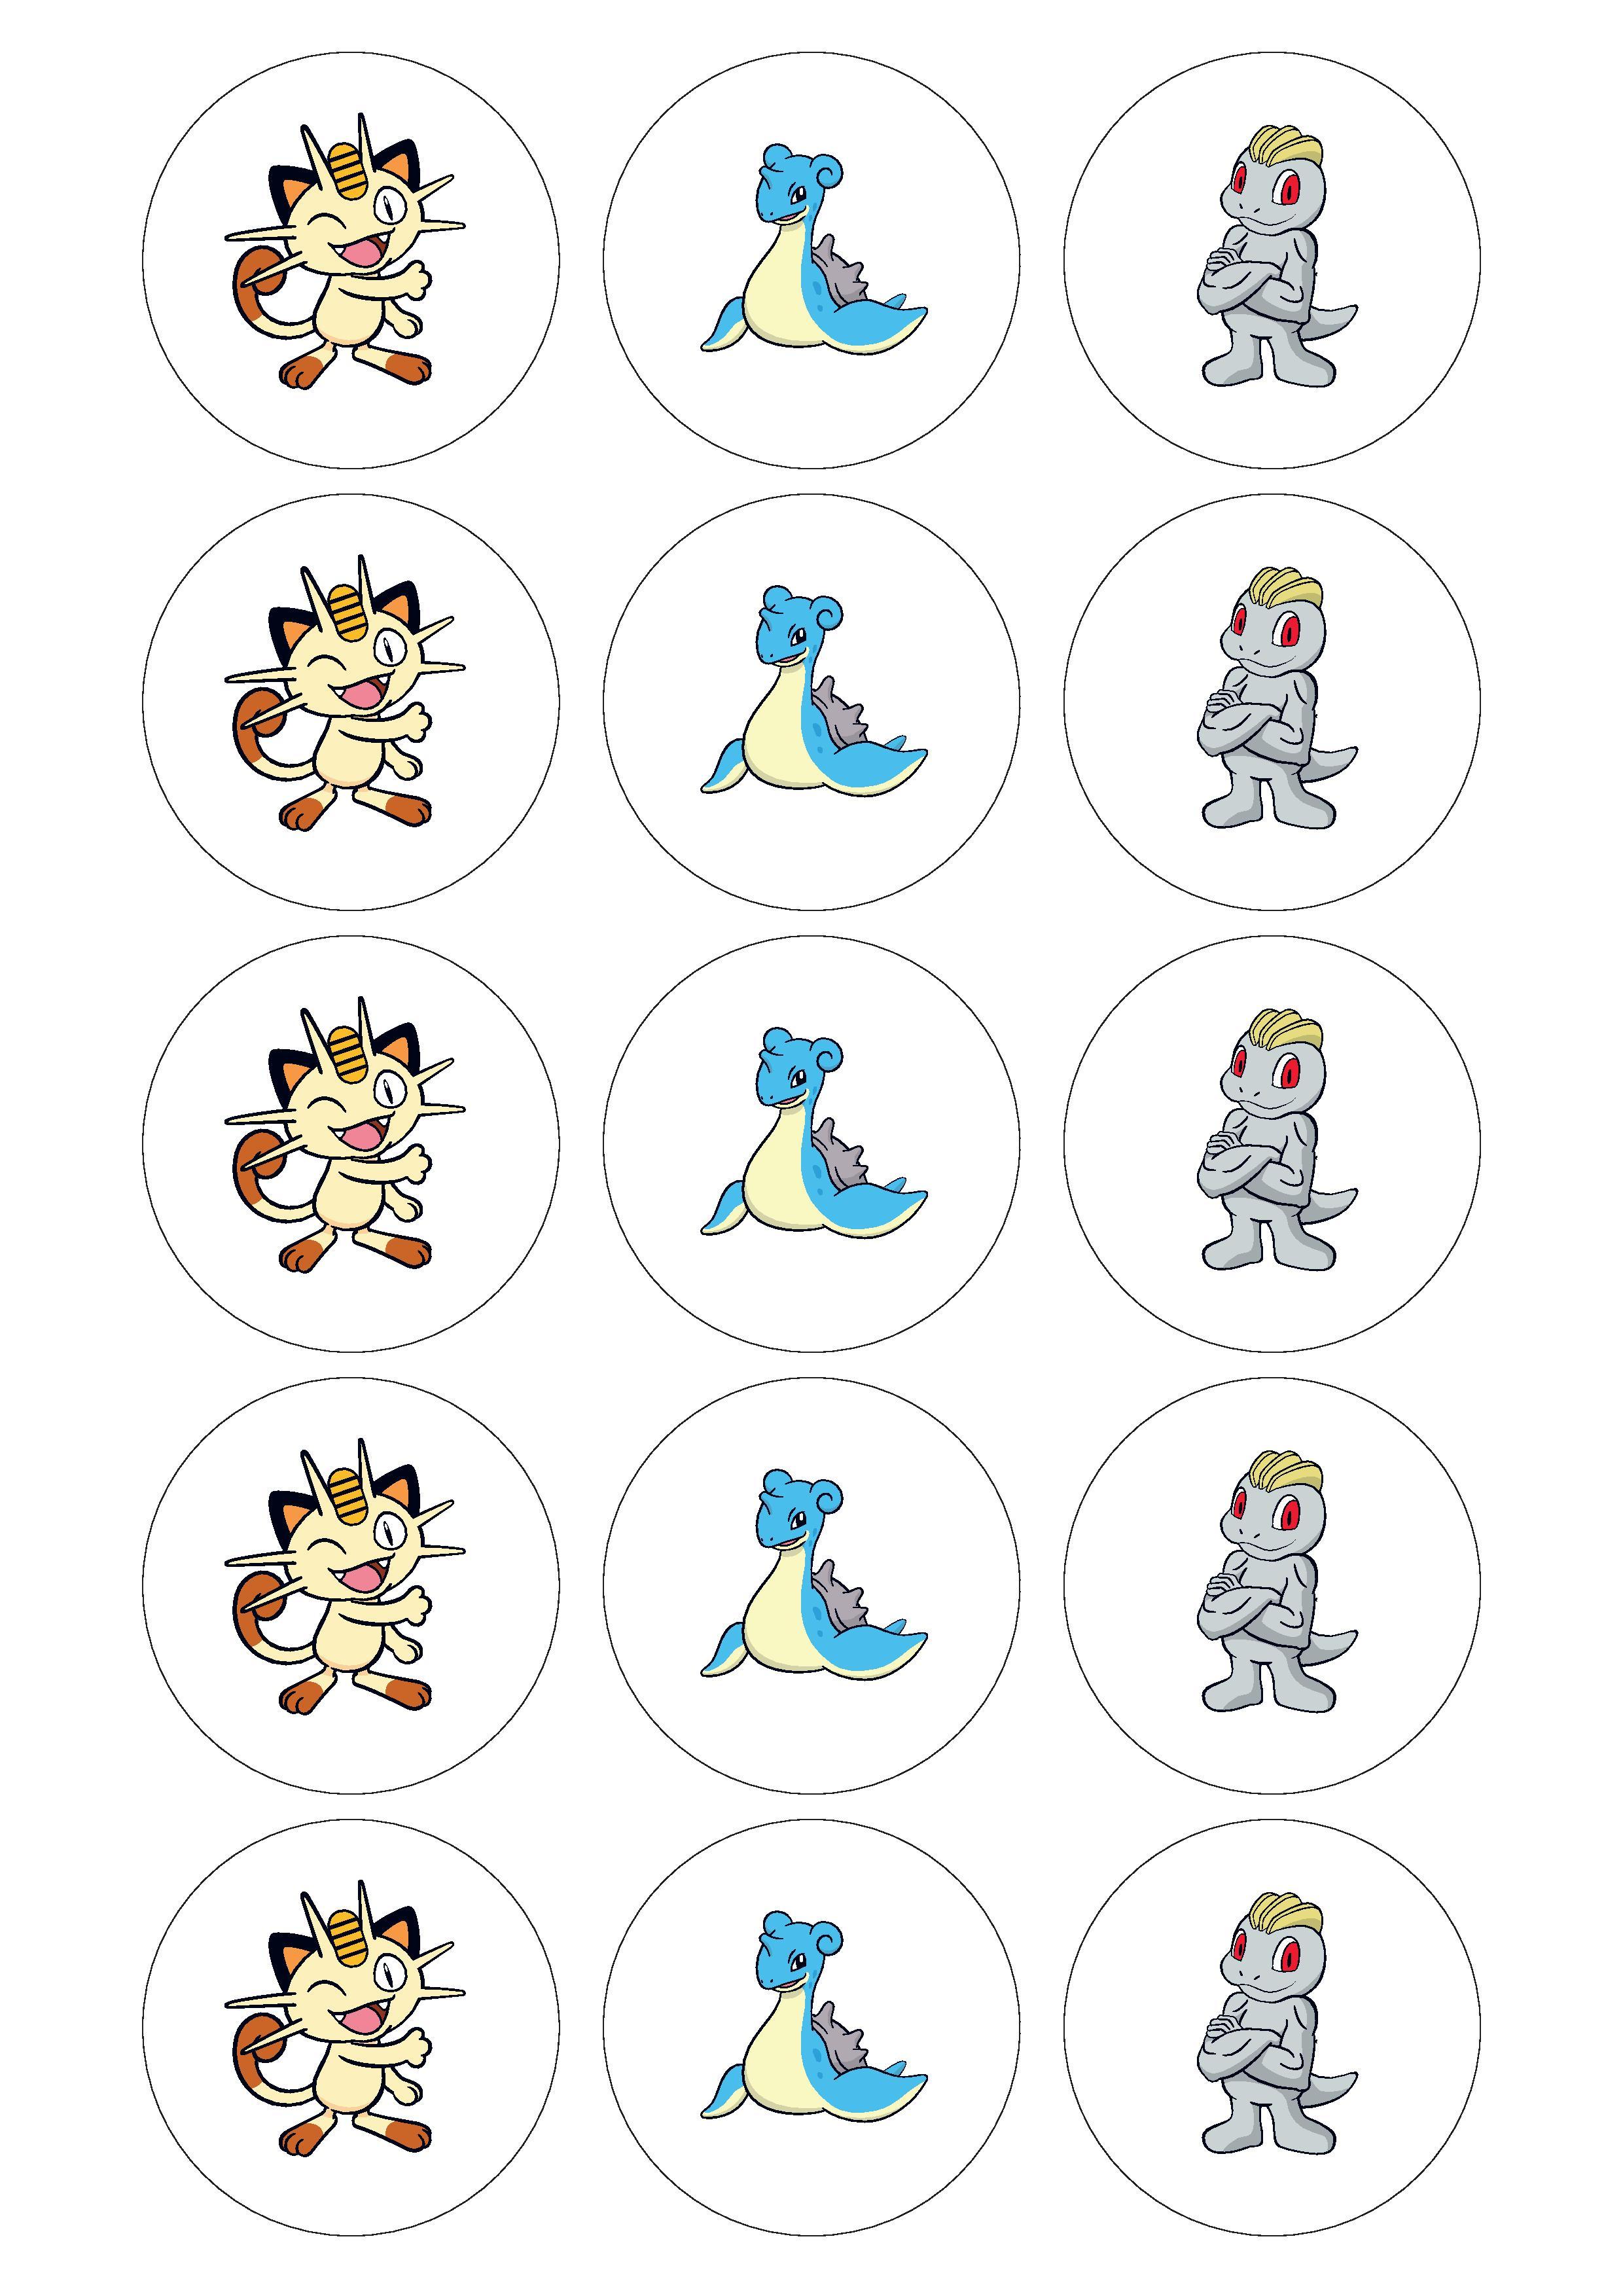 pokemonok-page-014